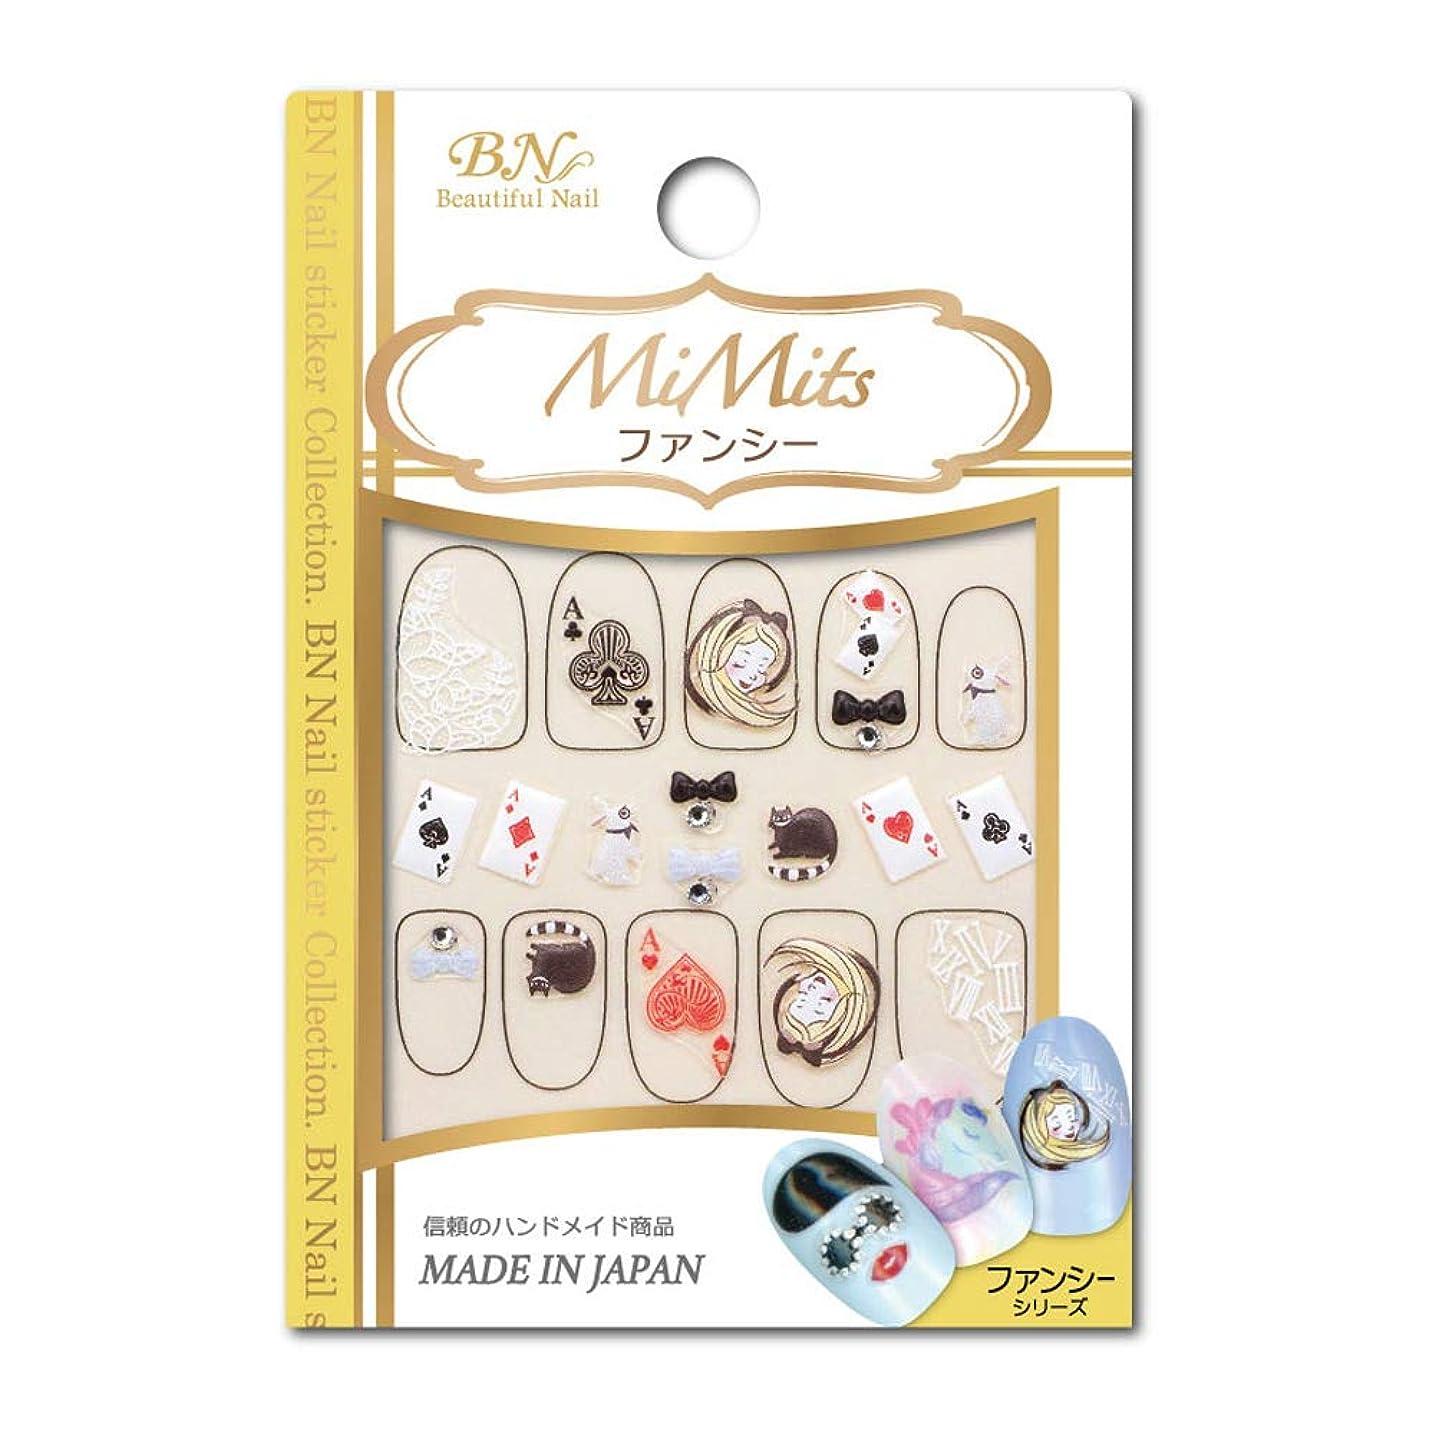 端芽おとこBN MiMits ファンシーシリーズ FSC-05 アリス (1シート)